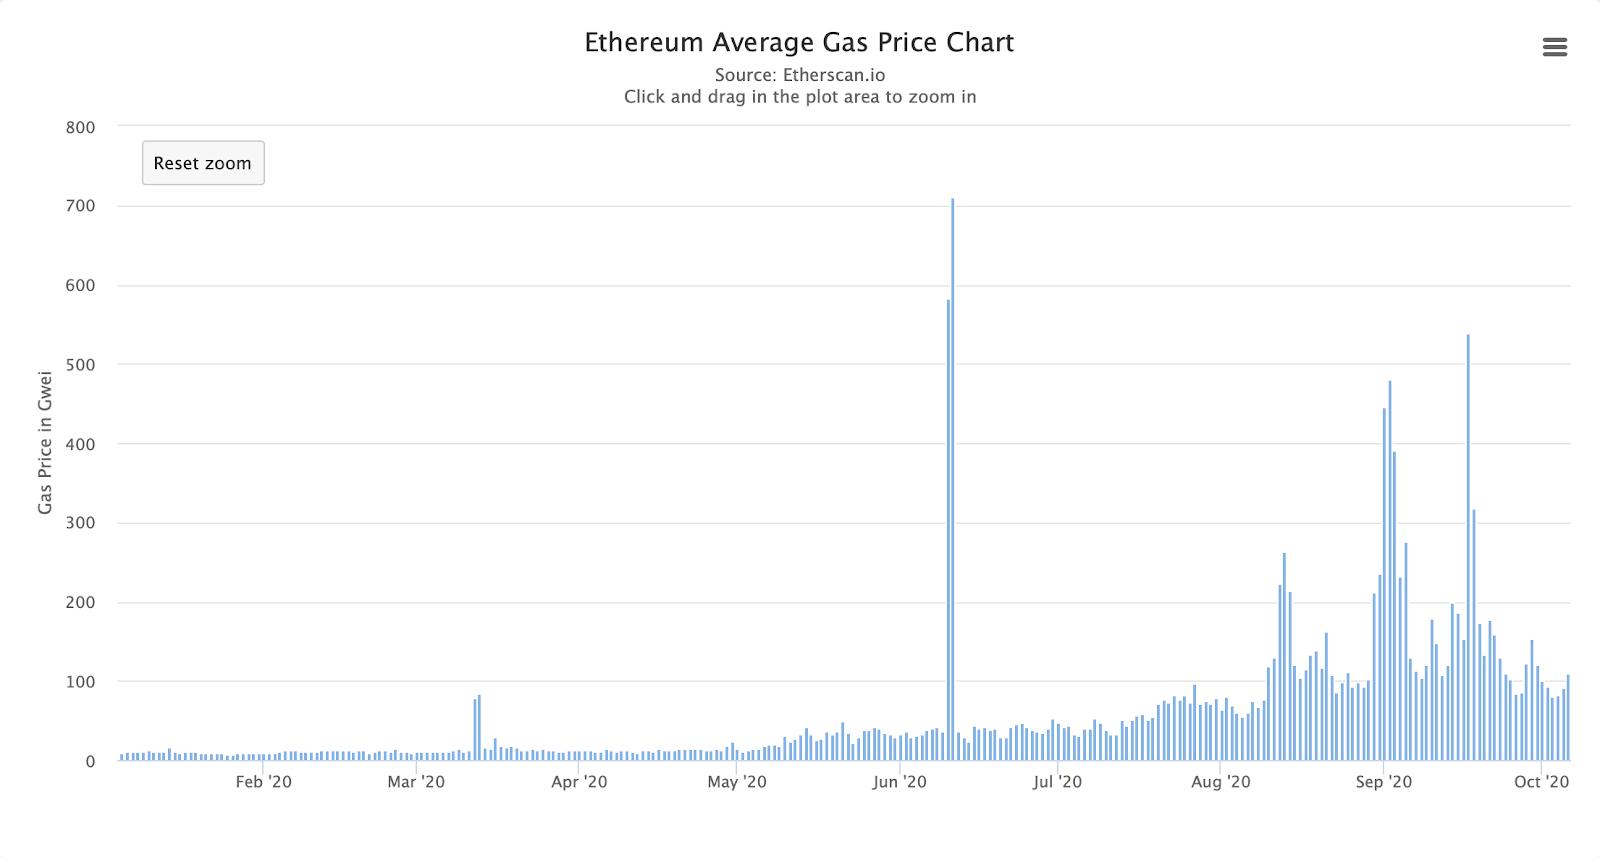 La tarifa de gas promedio ha sido excesivamente alta durante meses. Fuente: Etherscan